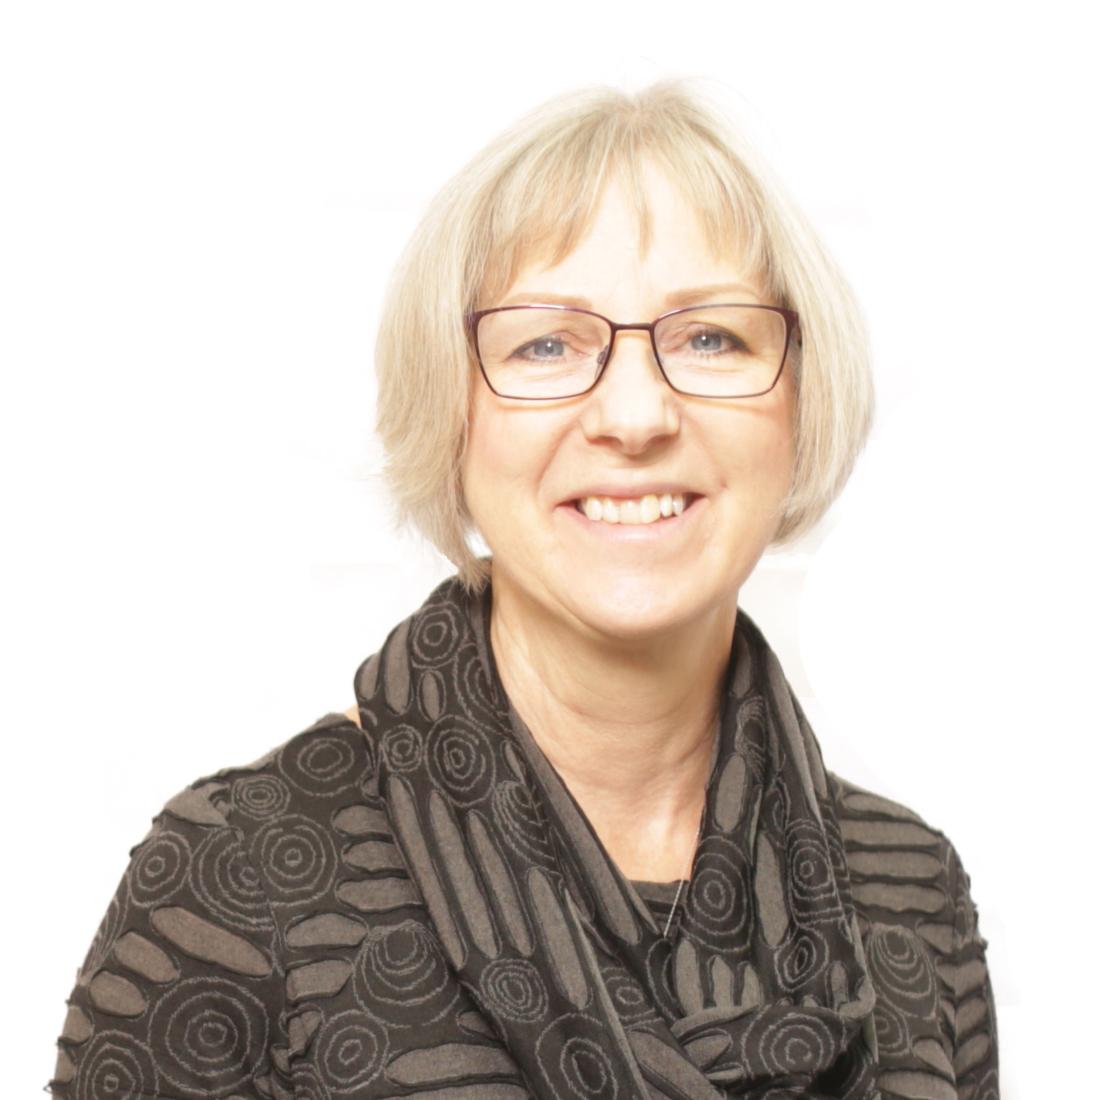 Denise Allars